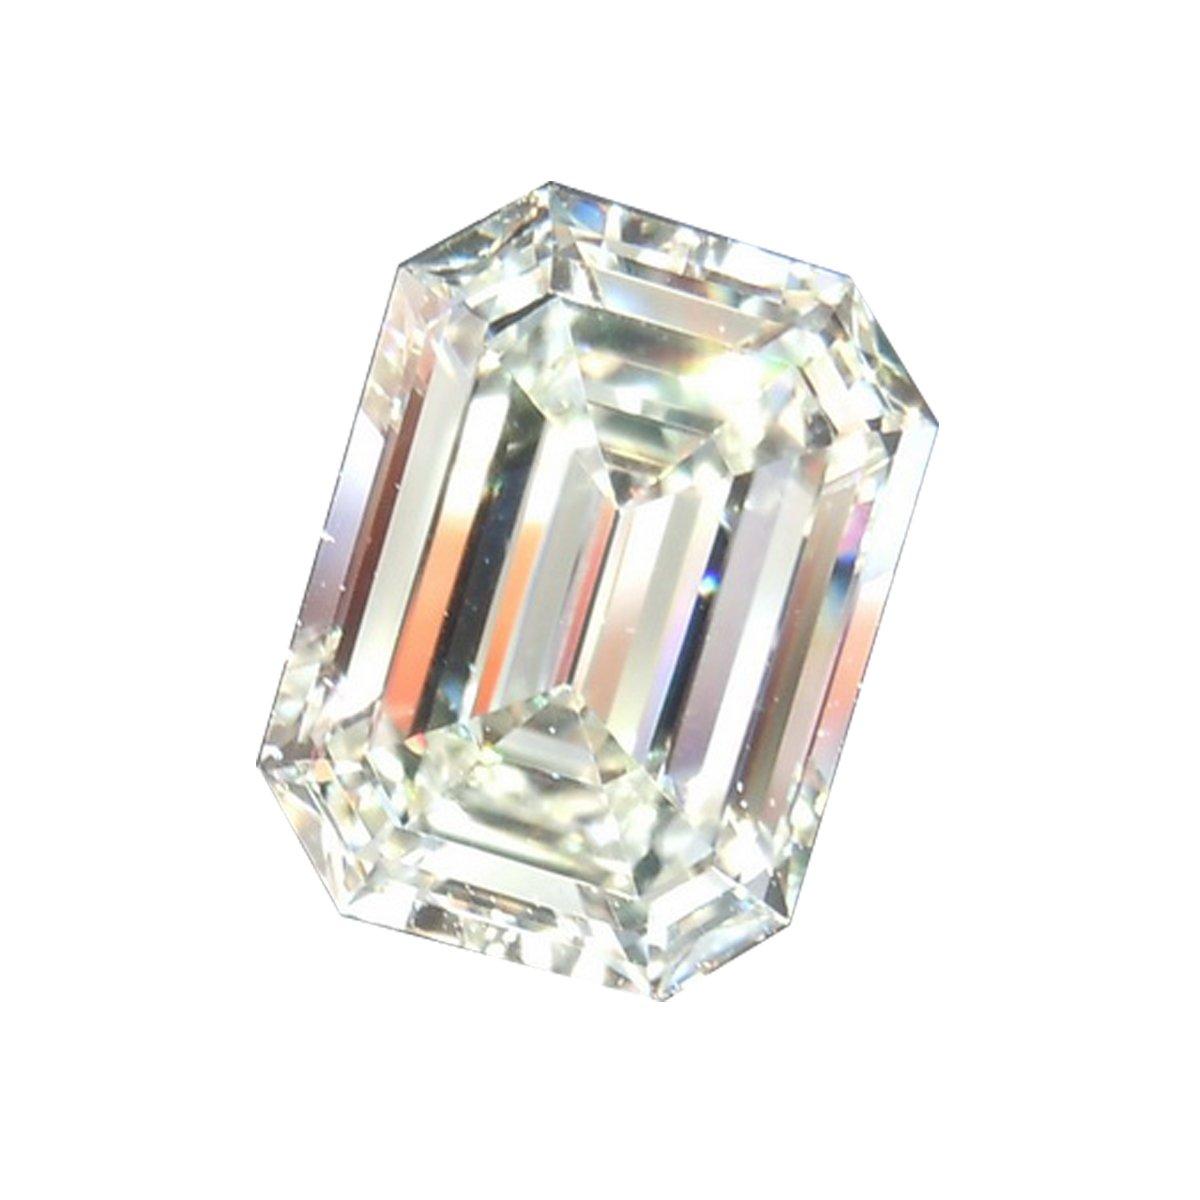 RINGJEWEL 1.66 ct VVS1 Emerald Cut Real Loose Moissanite Use 4 Pendant/Ring Genuine White I-J Color